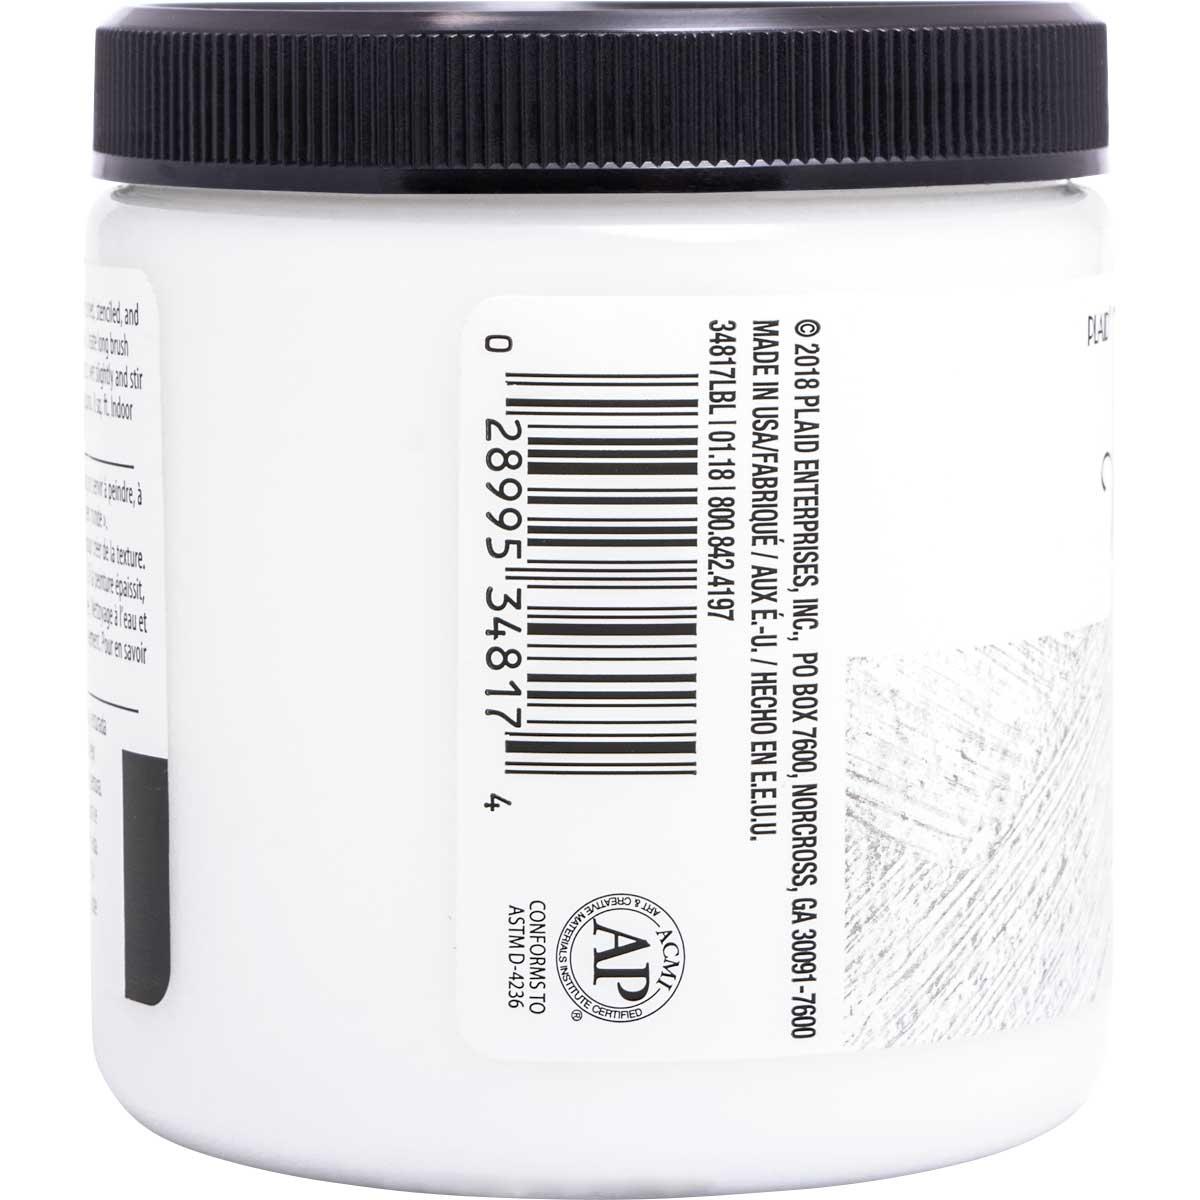 FolkArt ® Home Decor ® Texture Chalk™ - Whisper White, 8 oz.